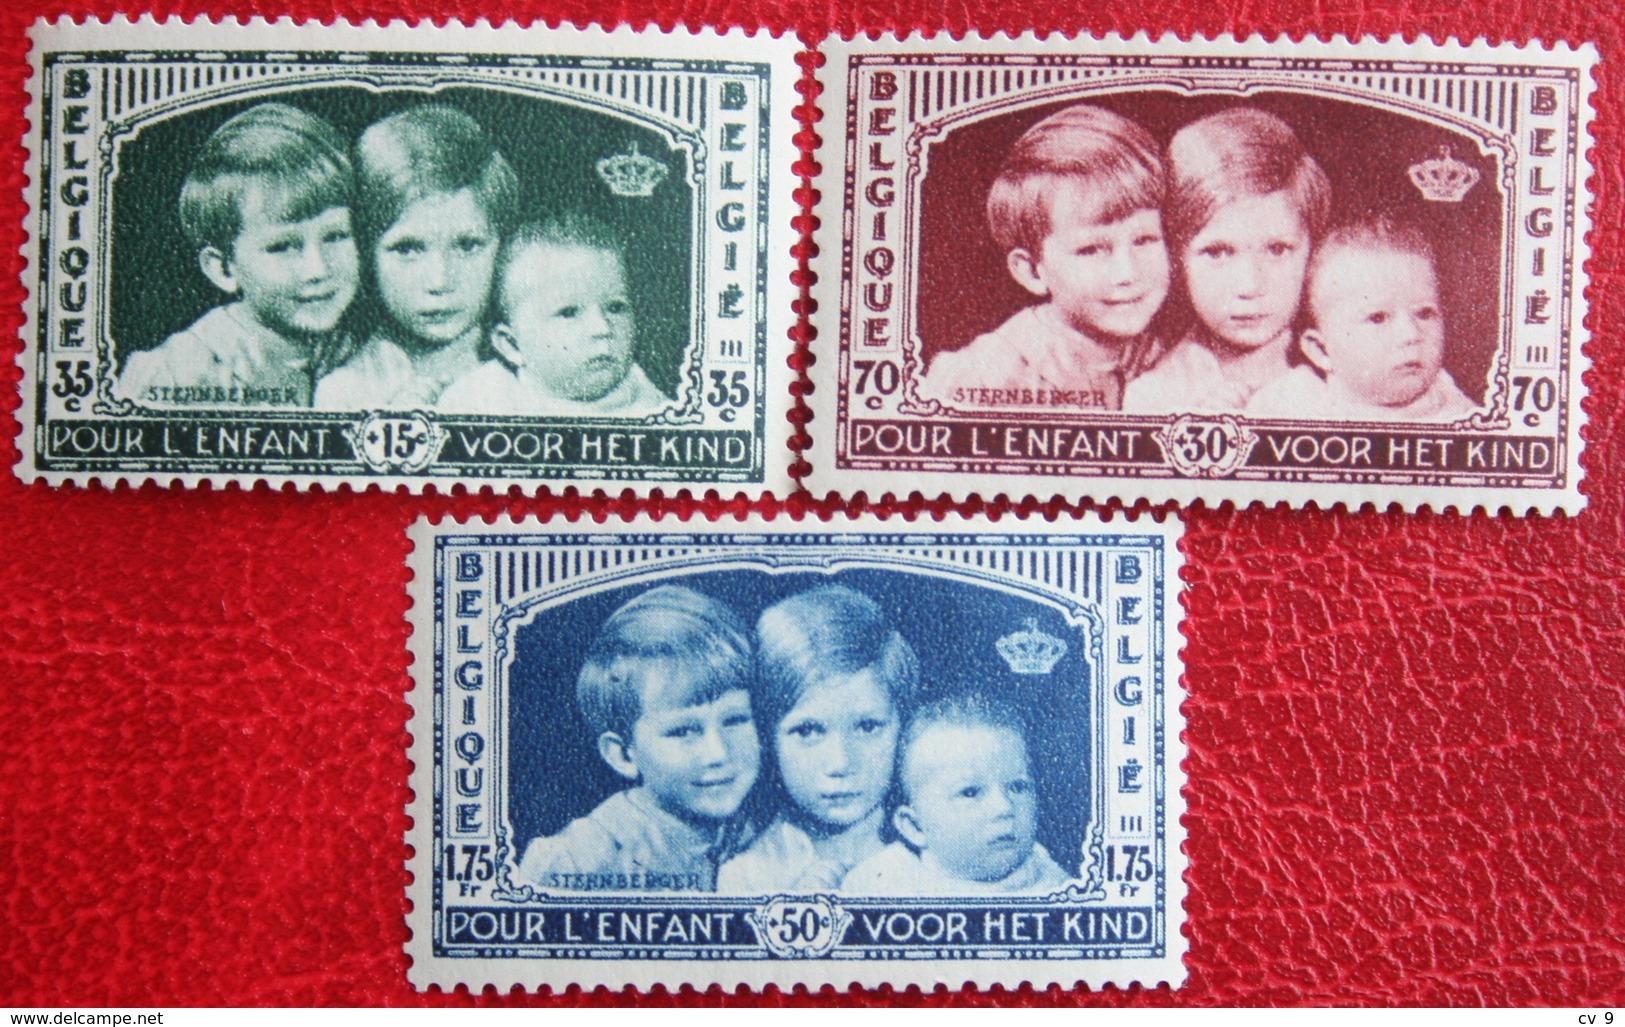 KoningsKinderen Child Welfare Complete Set 1935 OBP 404-406 (Mi 396-398) POSTFRIS/ MNH **BELGIE BELGIUM - Ongebruikt